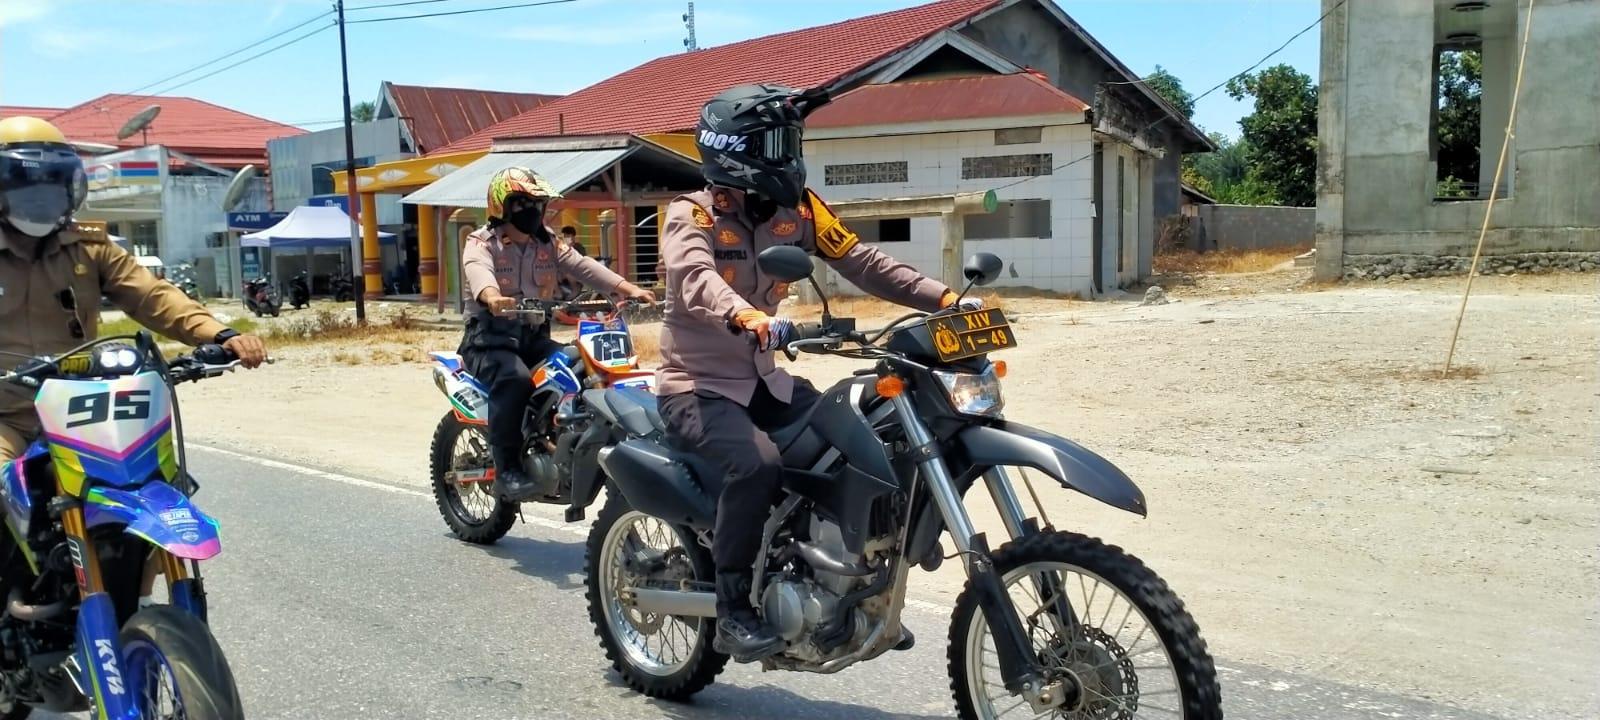 Jelang Pilkades, Polisi dan TNI Pantau Kamtibmas